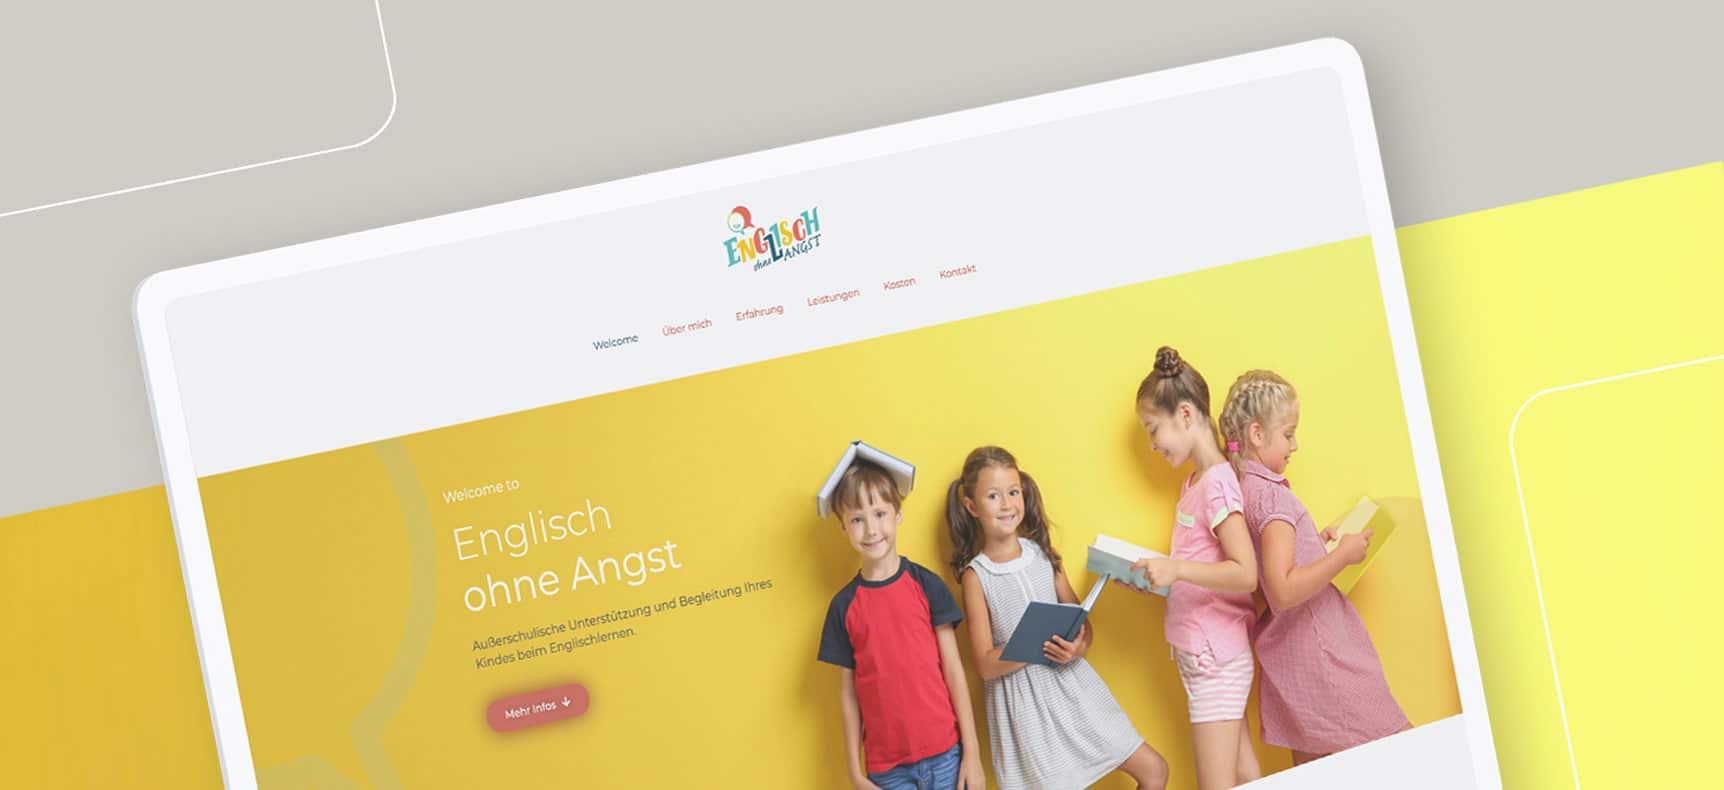 Englisch ohne Angst Sprachtraining für Kinder | Logo & Webdesign erstellt von StatusZwo.com